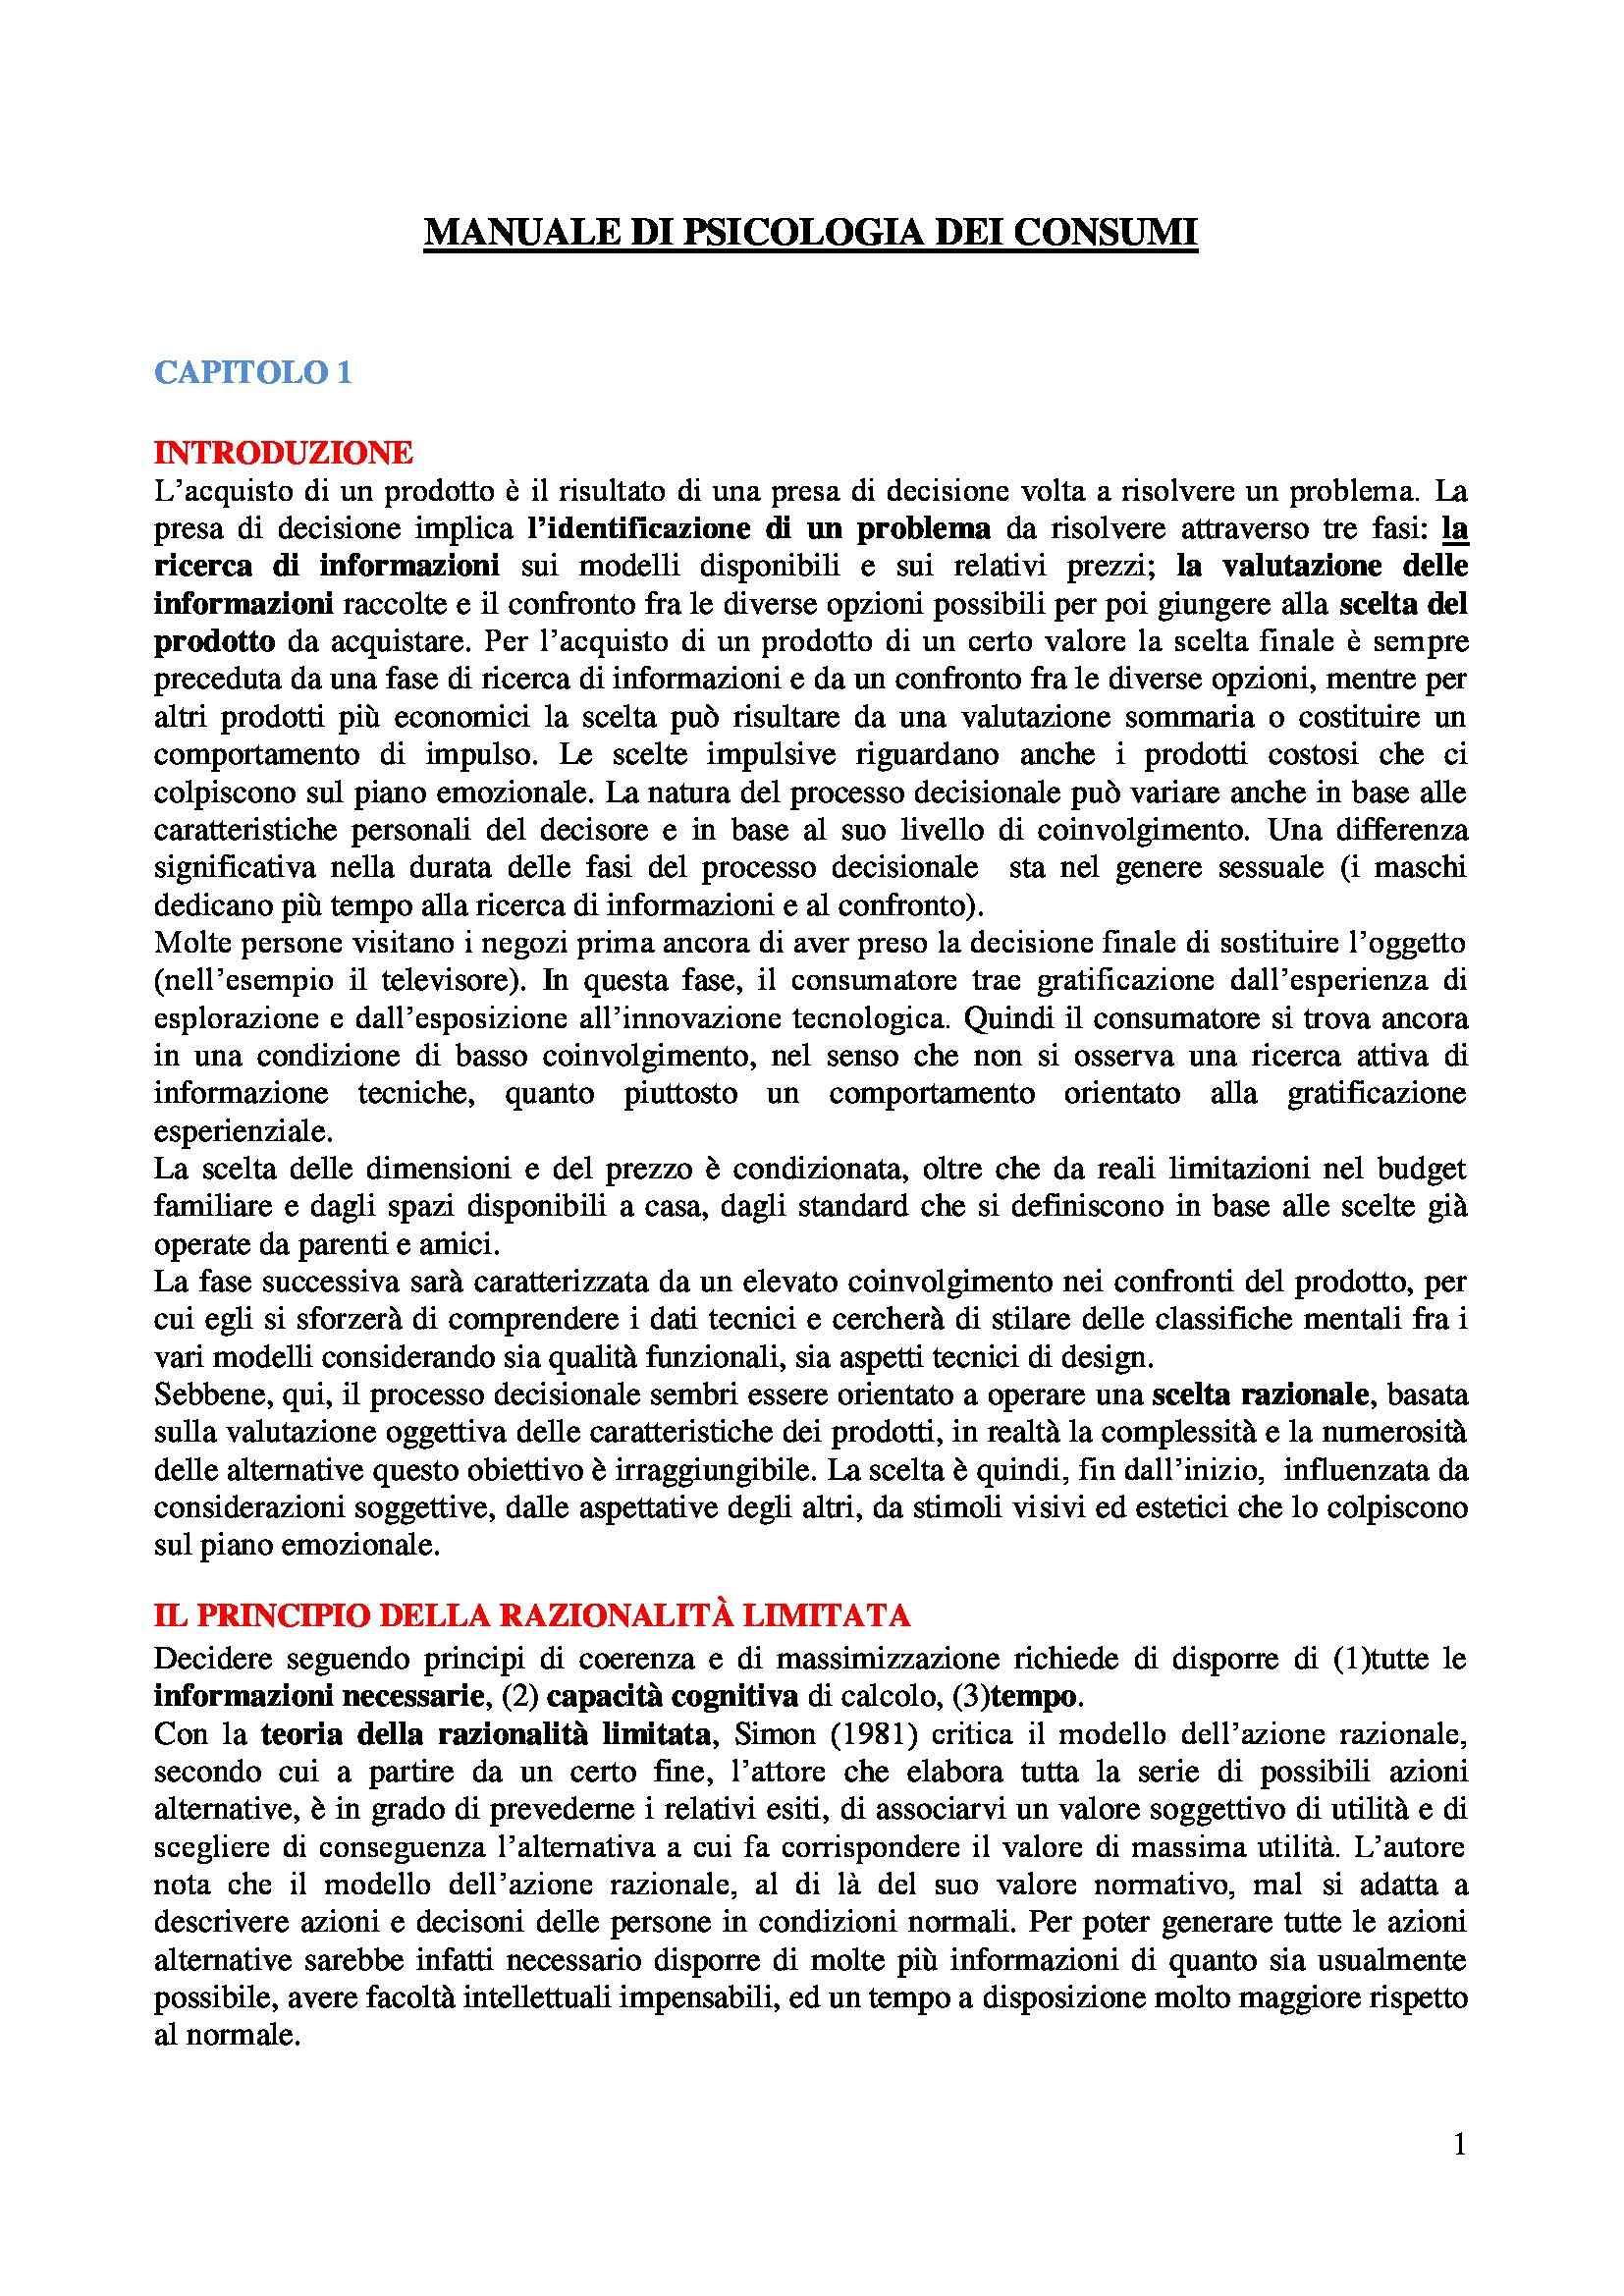 Riassunto esame Psicologia dei Consumi, prof. Russo, libro consigliato Manuale di Psicologia dei Consumi, Russo, Olivero